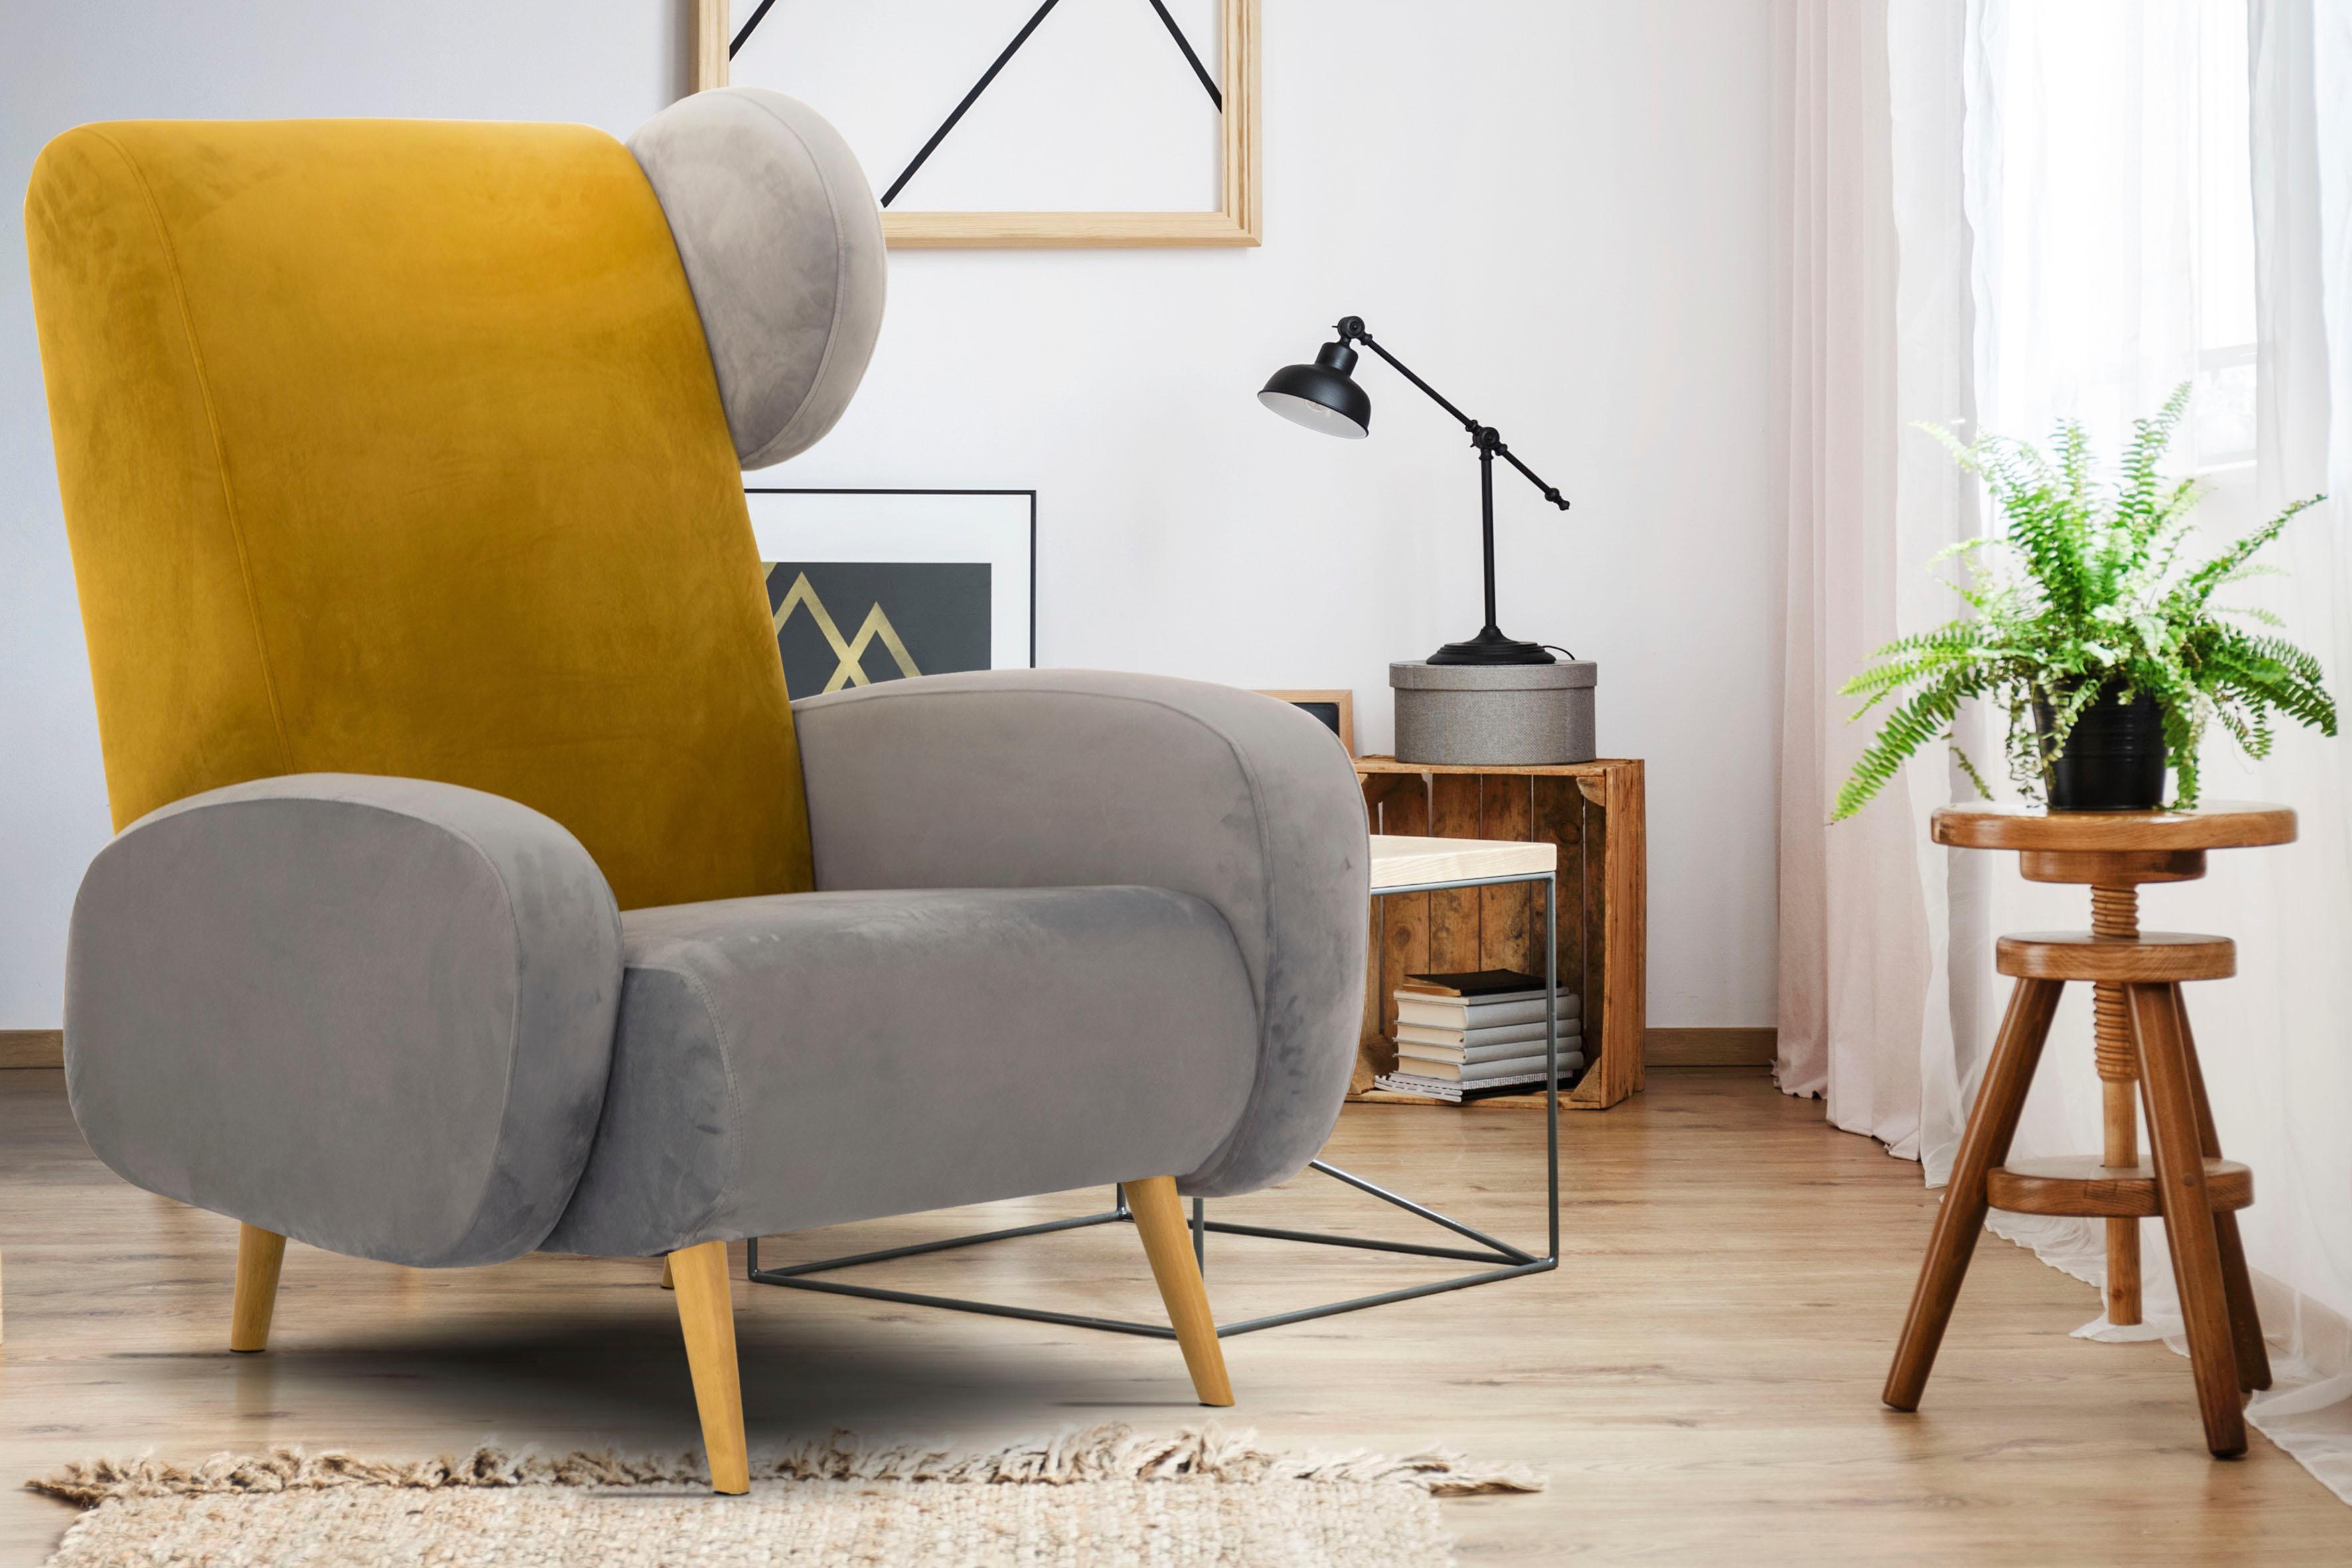 Home affaire Sessel Gox in außergewöhnlicher stylischer Optik